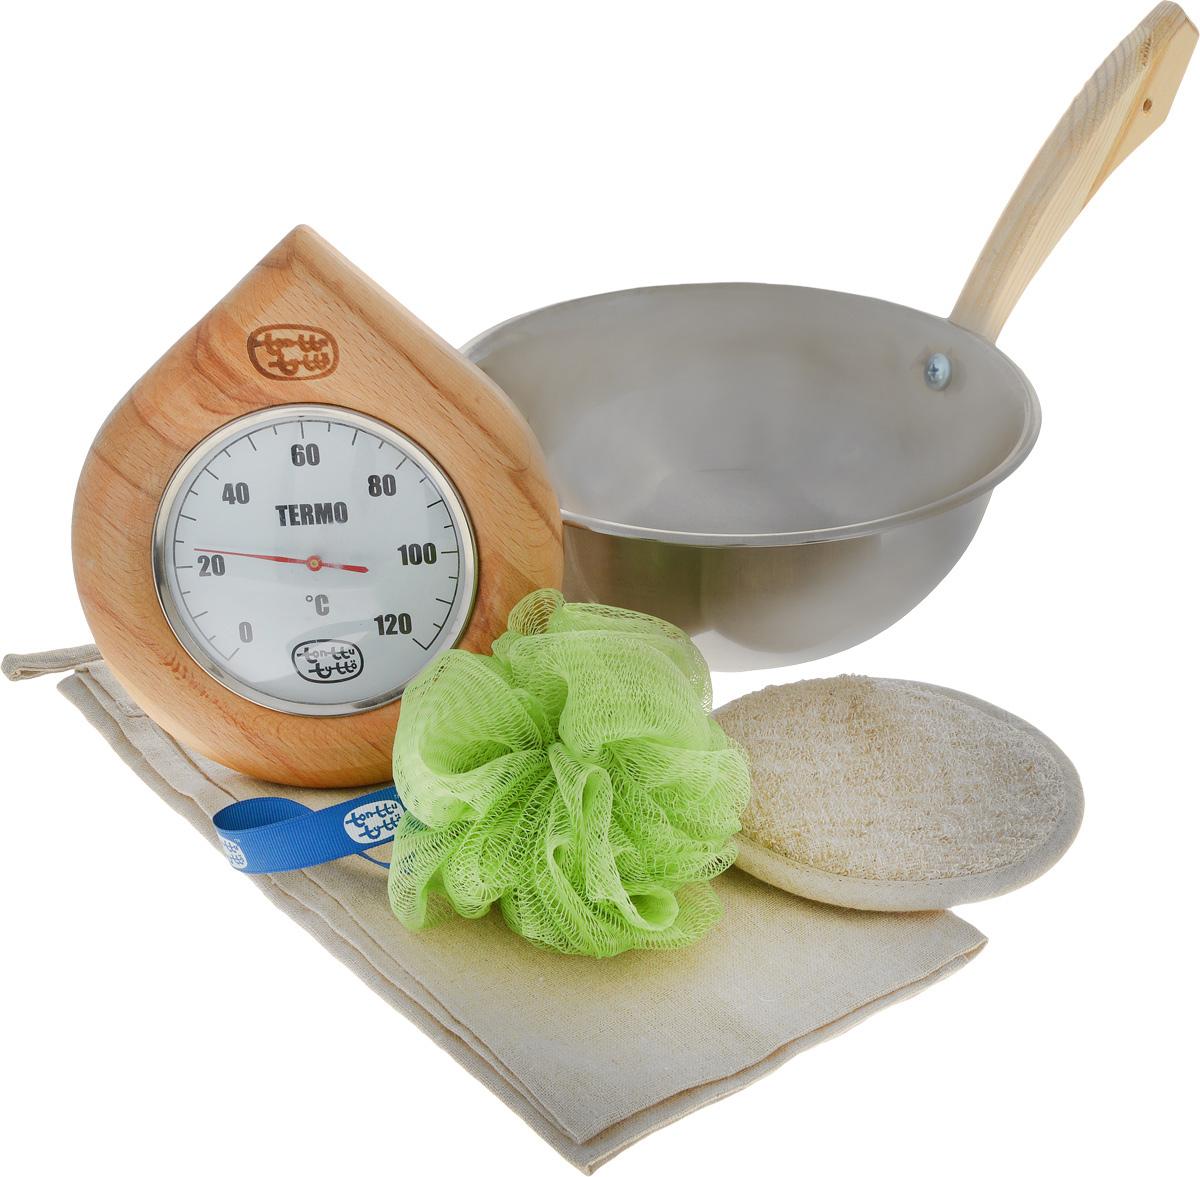 Набор для бани и сауны Доктор Баня Подарочный №3, 5 предметов905712Набор для бани и сауны Доктор Баня Подарочный №3 включает в себя: - Термометр, корпус которого выполнен из древесины. Он покажет температуру и не останется незамеченным для посетителей бани;- Ковш-черпак, изготовленный из металла с деревянной ручкой;- Мочалку, выполненную из льна и хлопка; - Синтетический спонж из нейлона;- Салфетку, изготовленную из льна и хлопка, которая убережет вас от горячей полки.Такой набор поможет с удовольствием и пользой провести время в бане, а также станет чудесным подарком друзьям и знакомым, которые по достоинству его оценят при первом же использовании.Размер салфетки: 44 х 60 см.Диаметр мочалки: 13 см.Диаметр ковша: 22 см.Высота ковша: 9 см.Длина ручки ковша: 18 см.